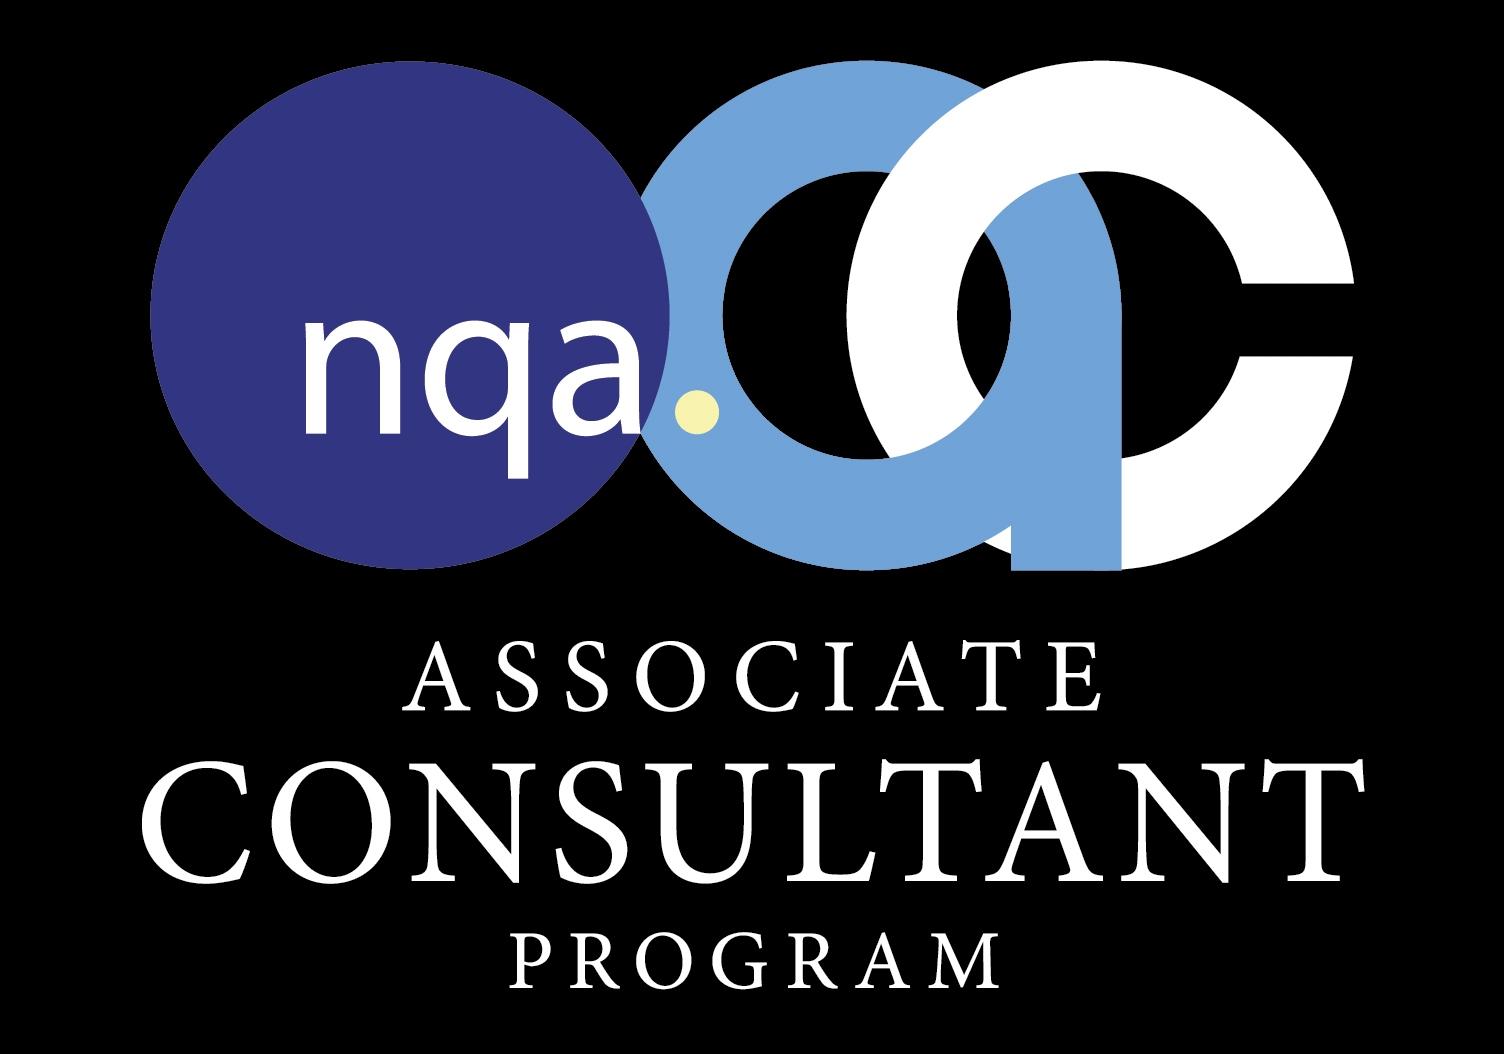 consultant_program-1